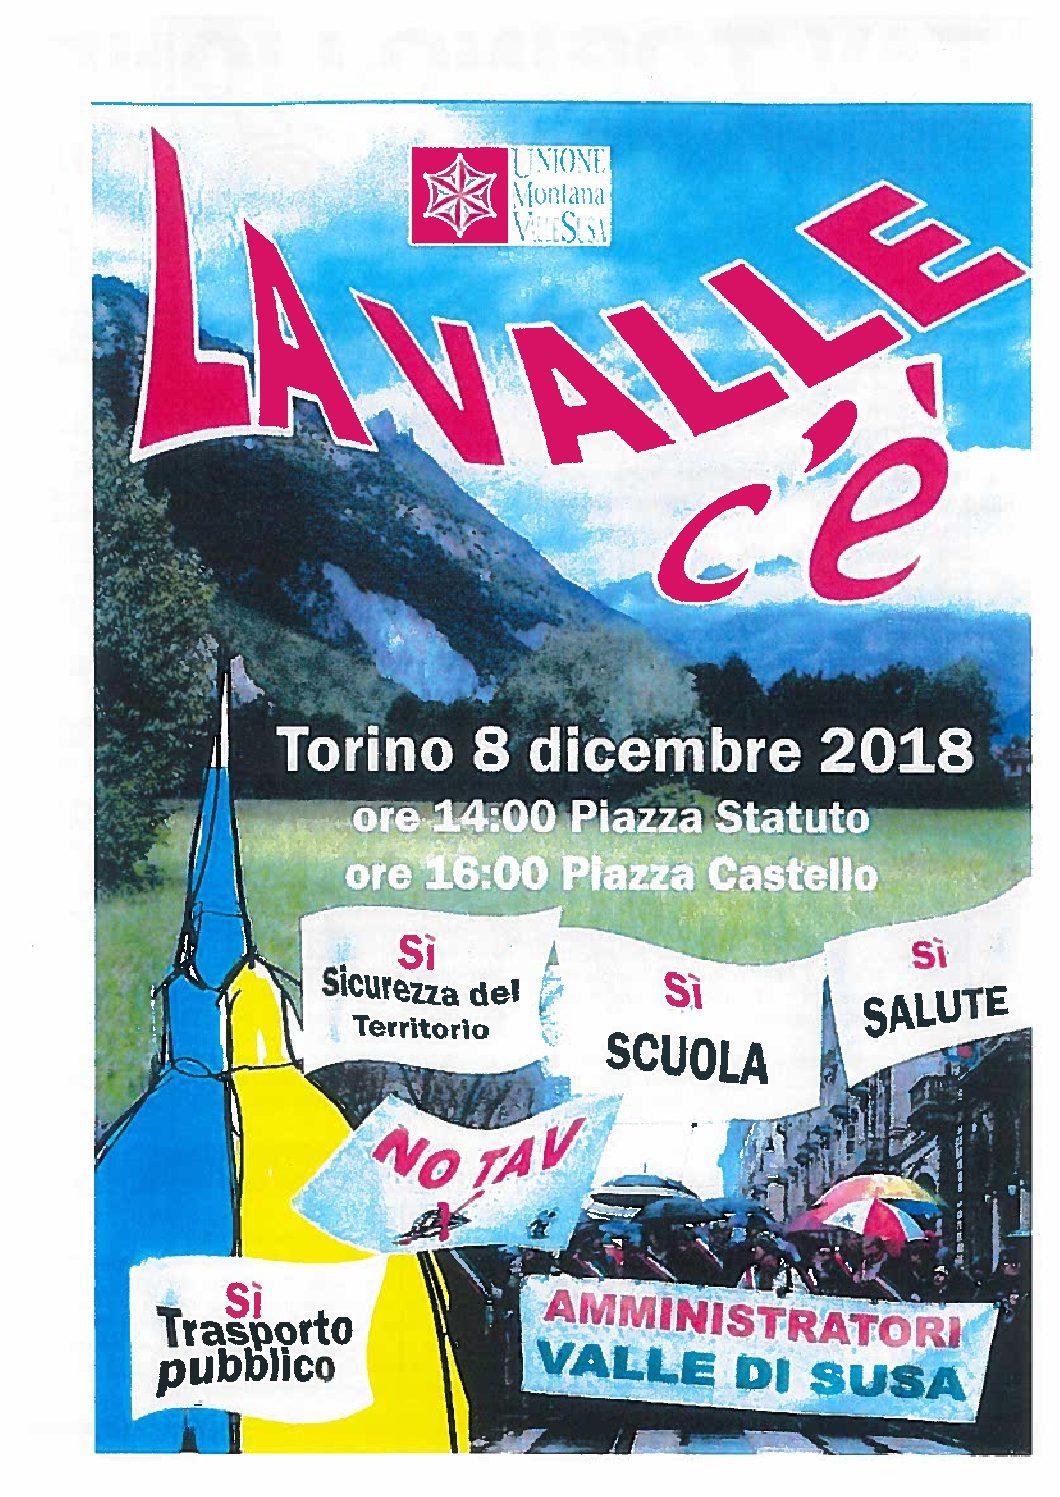 08 DICEMBRE 2018: A TORINO, SEMPRE NO TAV